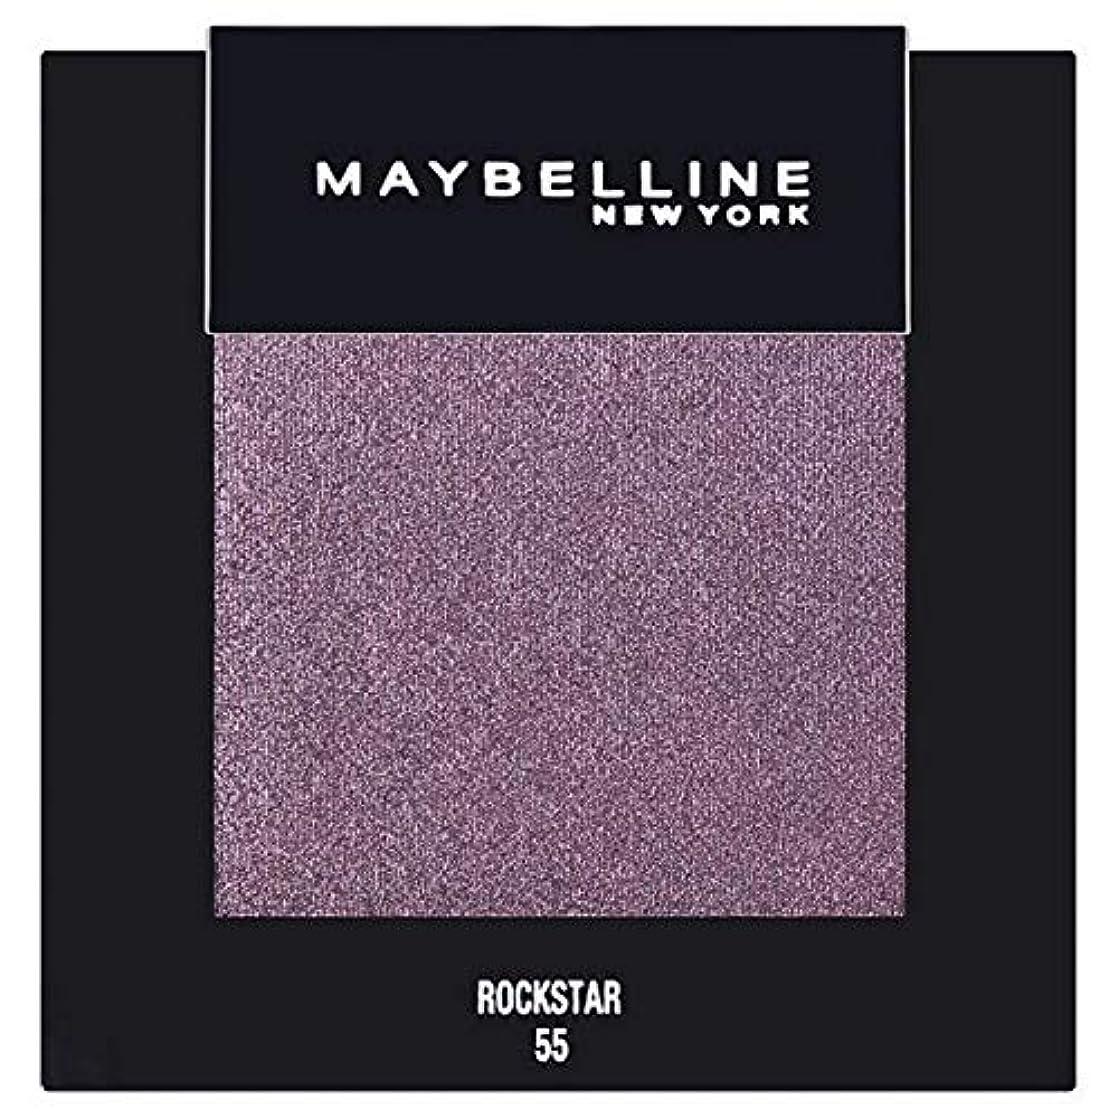 切り刻む伝統的アンティーク[Maybelline ] メイベリンカラーショーシングルアイシャドウ55ロックスター - Maybelline Color Show Single Eyeshadow 55 Rockstar [並行輸入品]